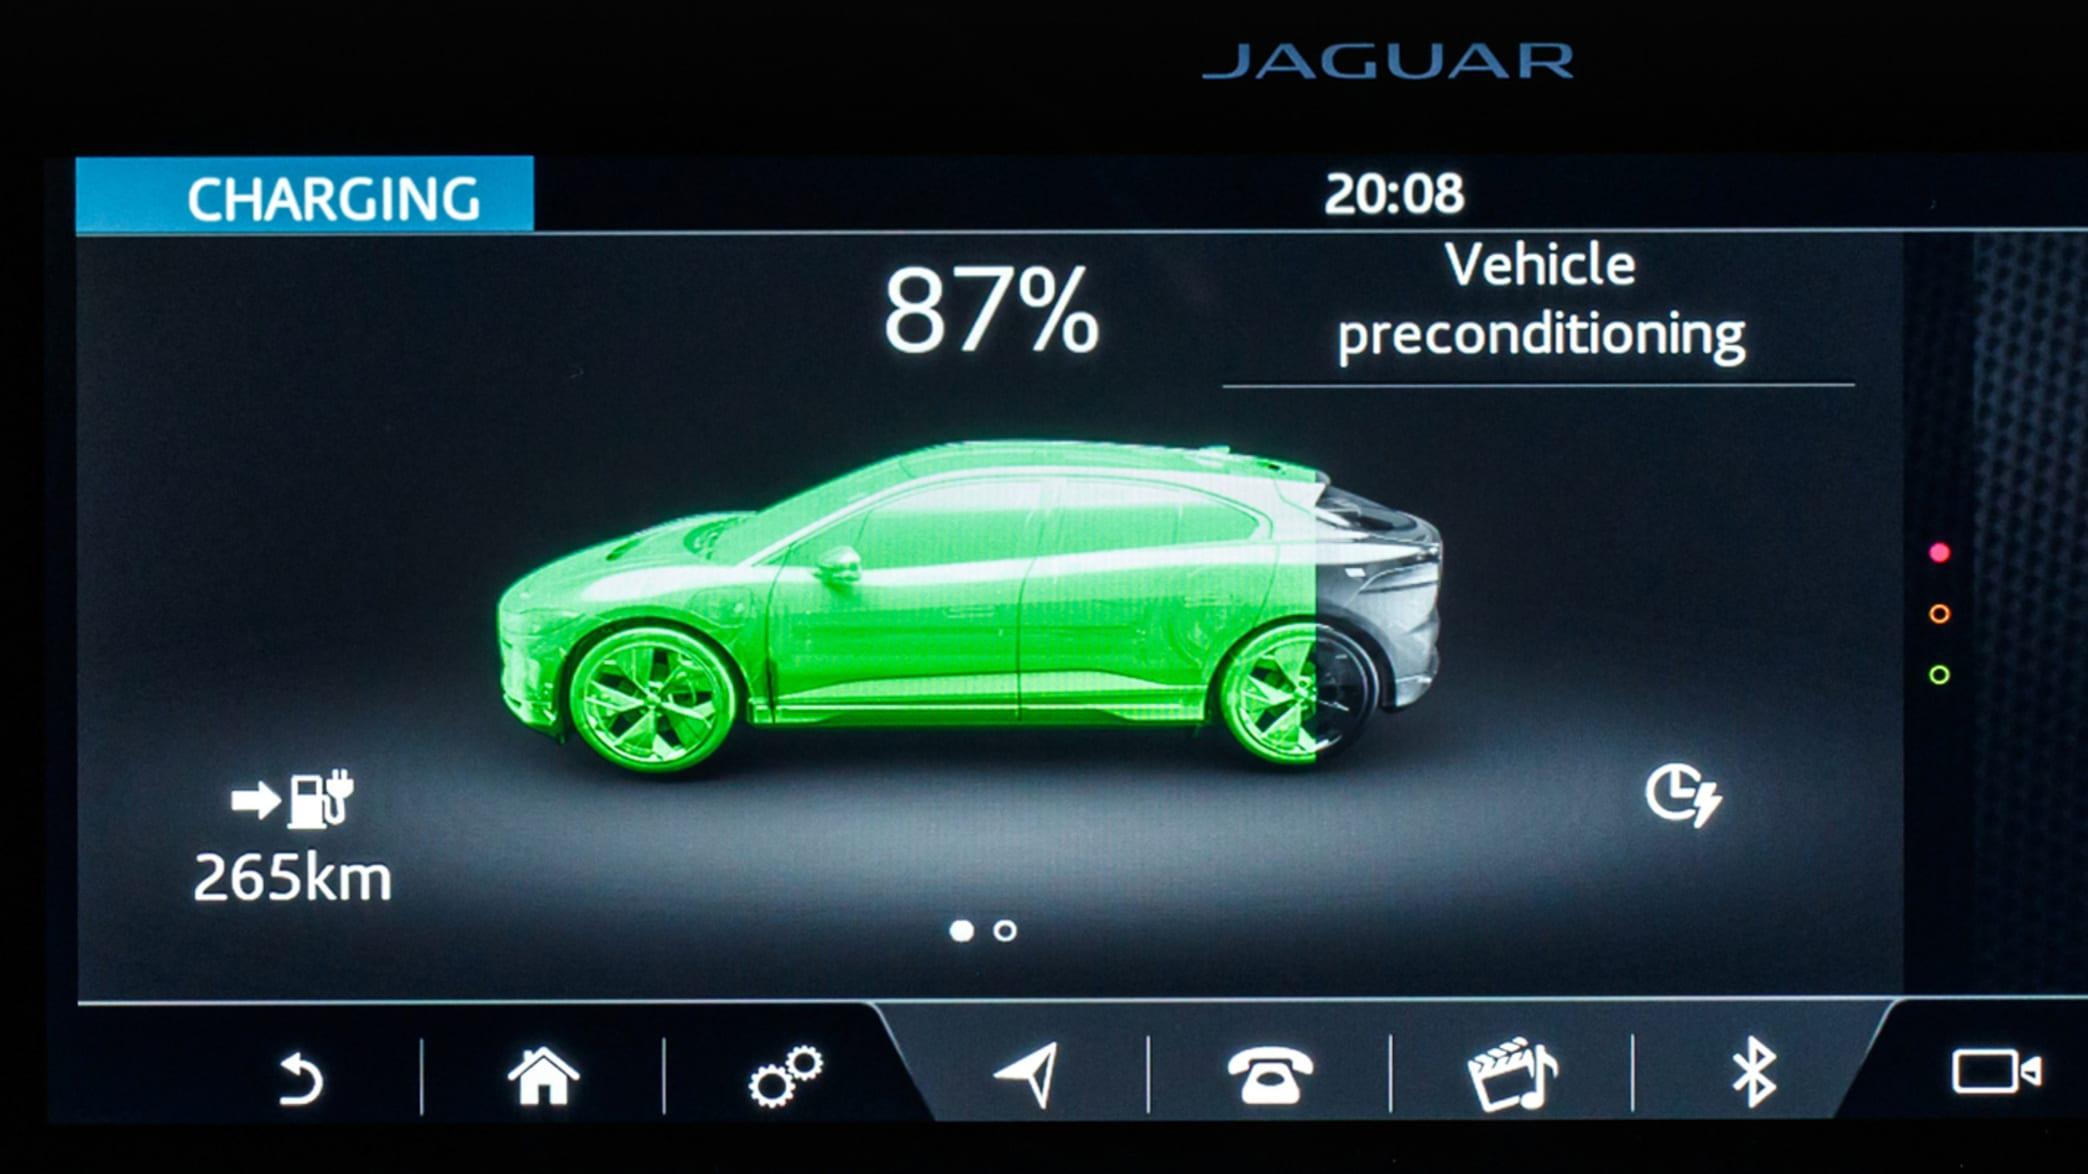 Display des Jaguar I-Pace